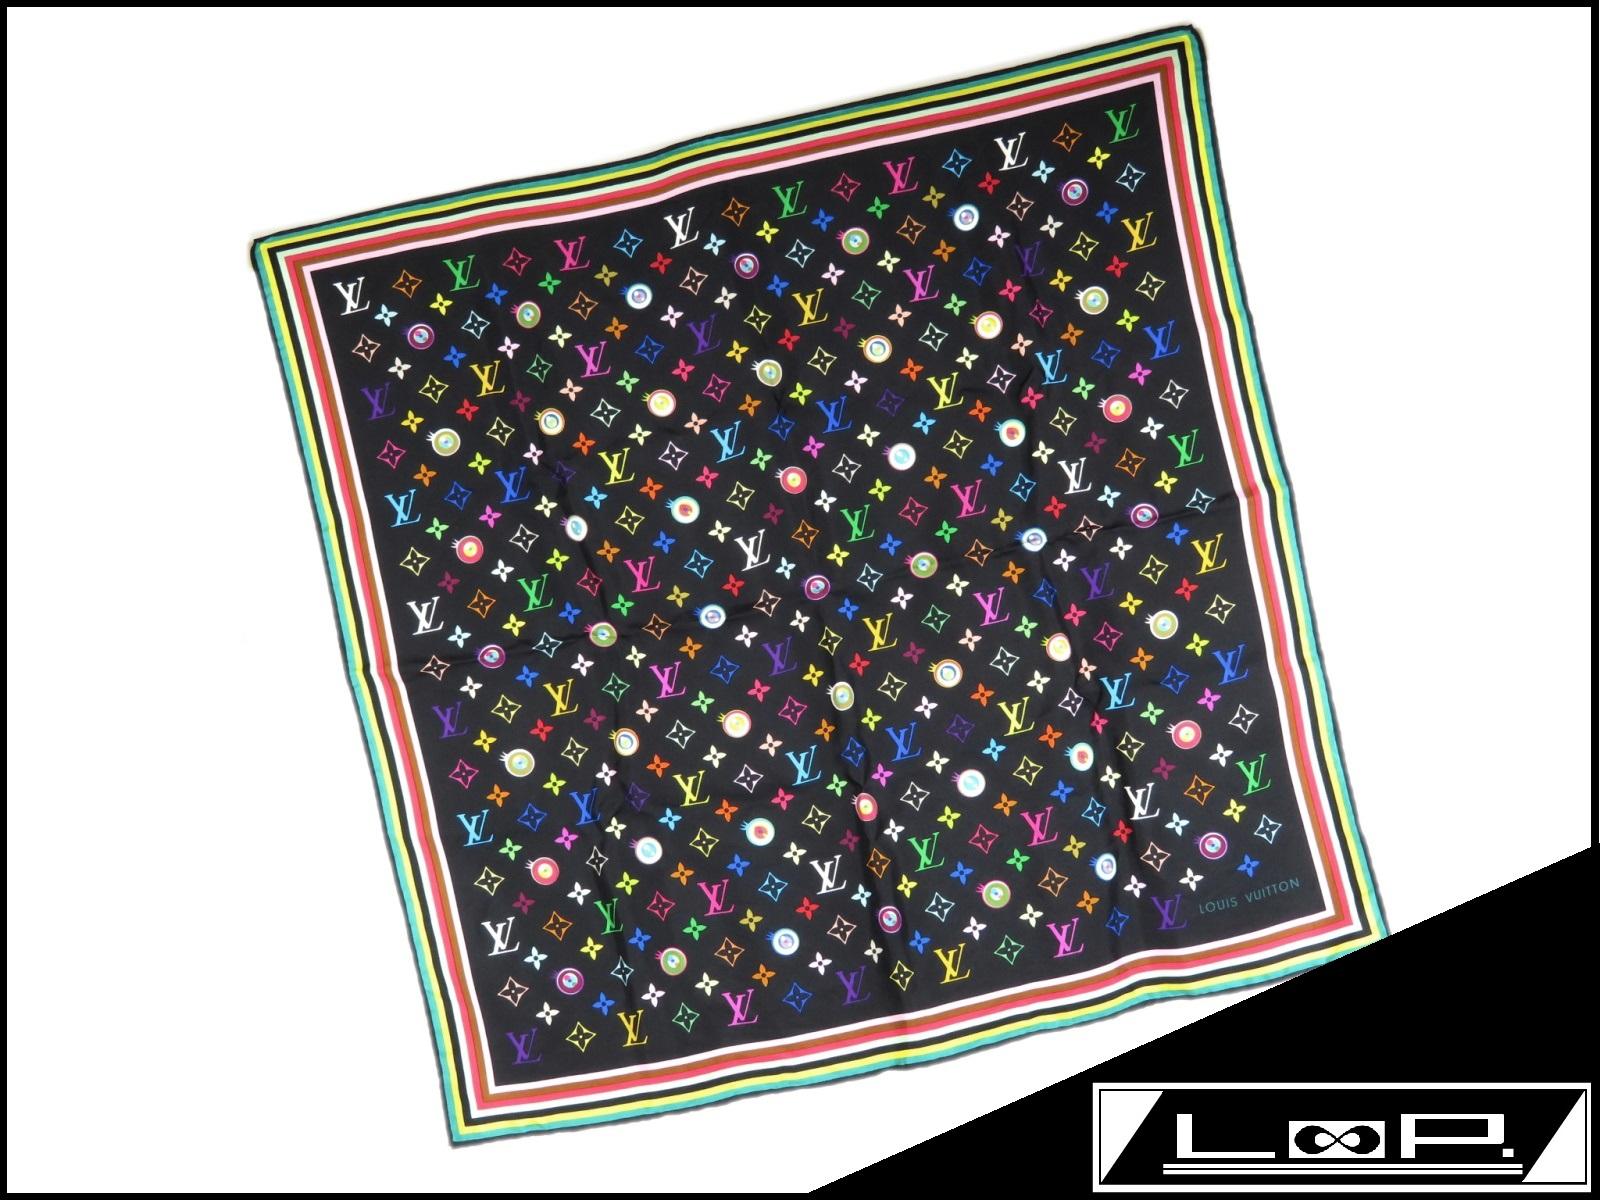 大注目 【限定】 LOUIS VUITTON ルイ・ヴィトン シルク 村上 アイラブ 隆 村上 スカーフ アイラブ モノグラム LV シルク ノワール 黒 マルチカラー M71916【A21407】【中古】, e-バザール:a1c8471d --- totem-info.com